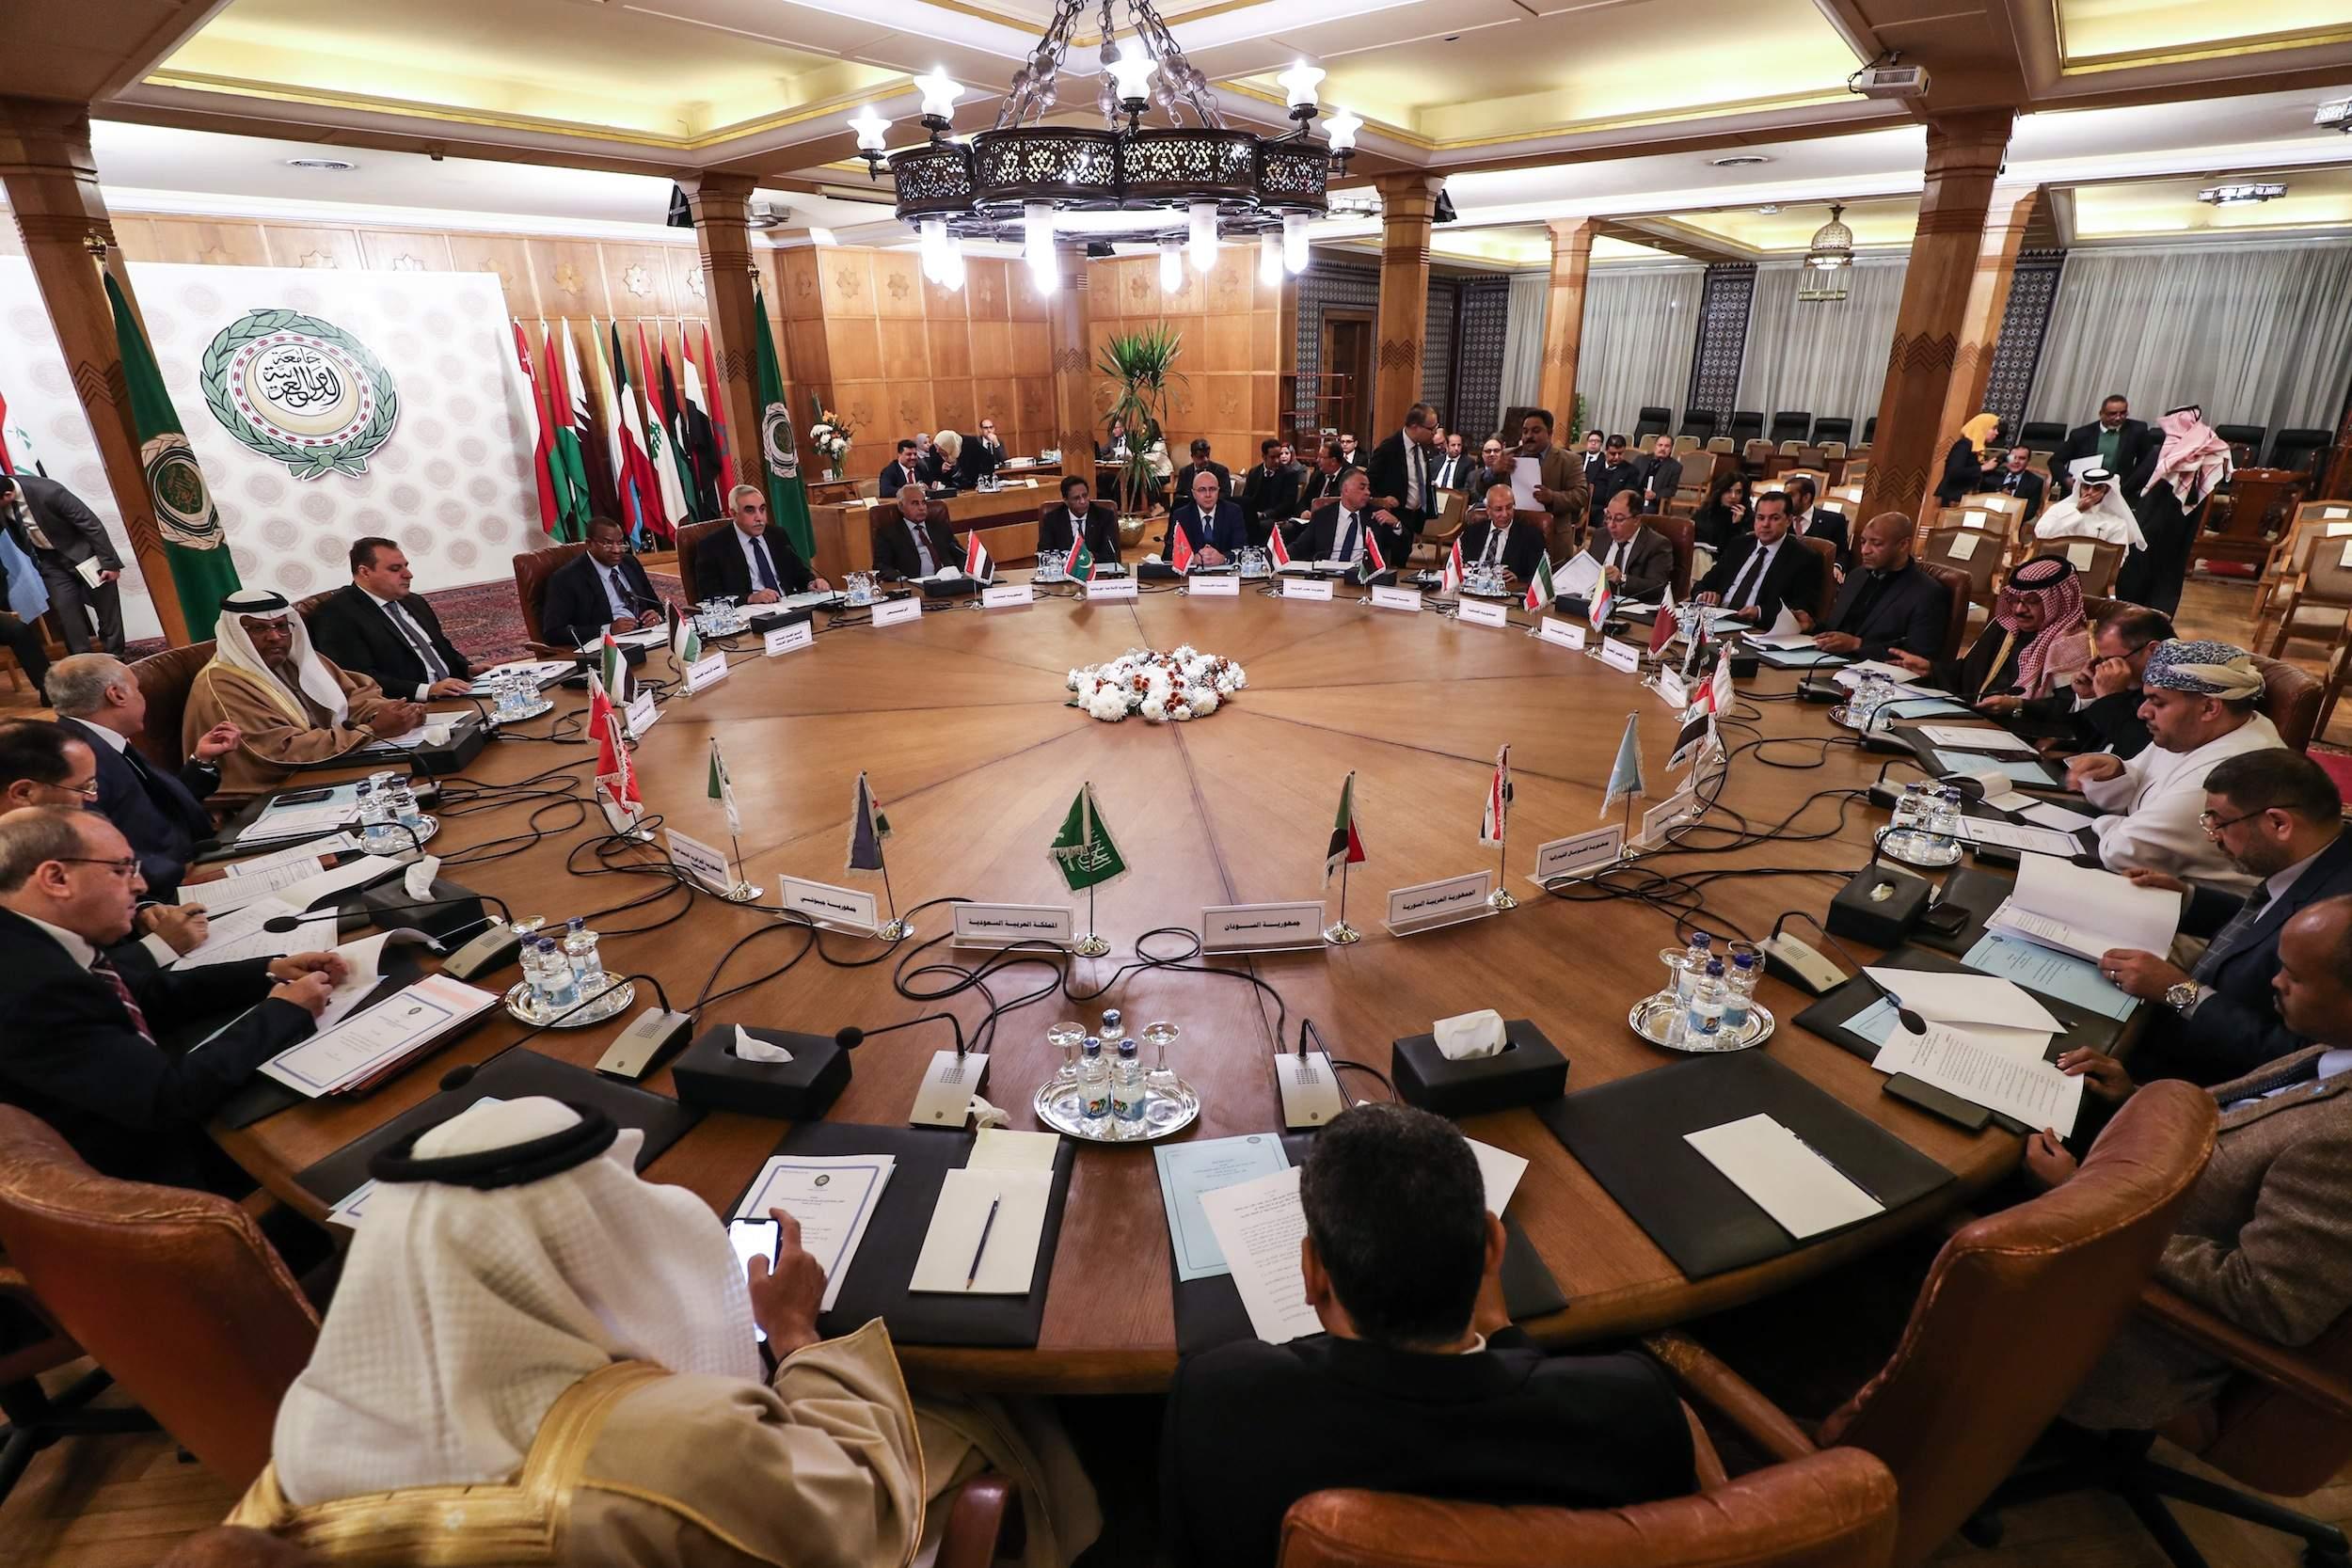 Le Maroc réitère son soutien à la cause palestinienne